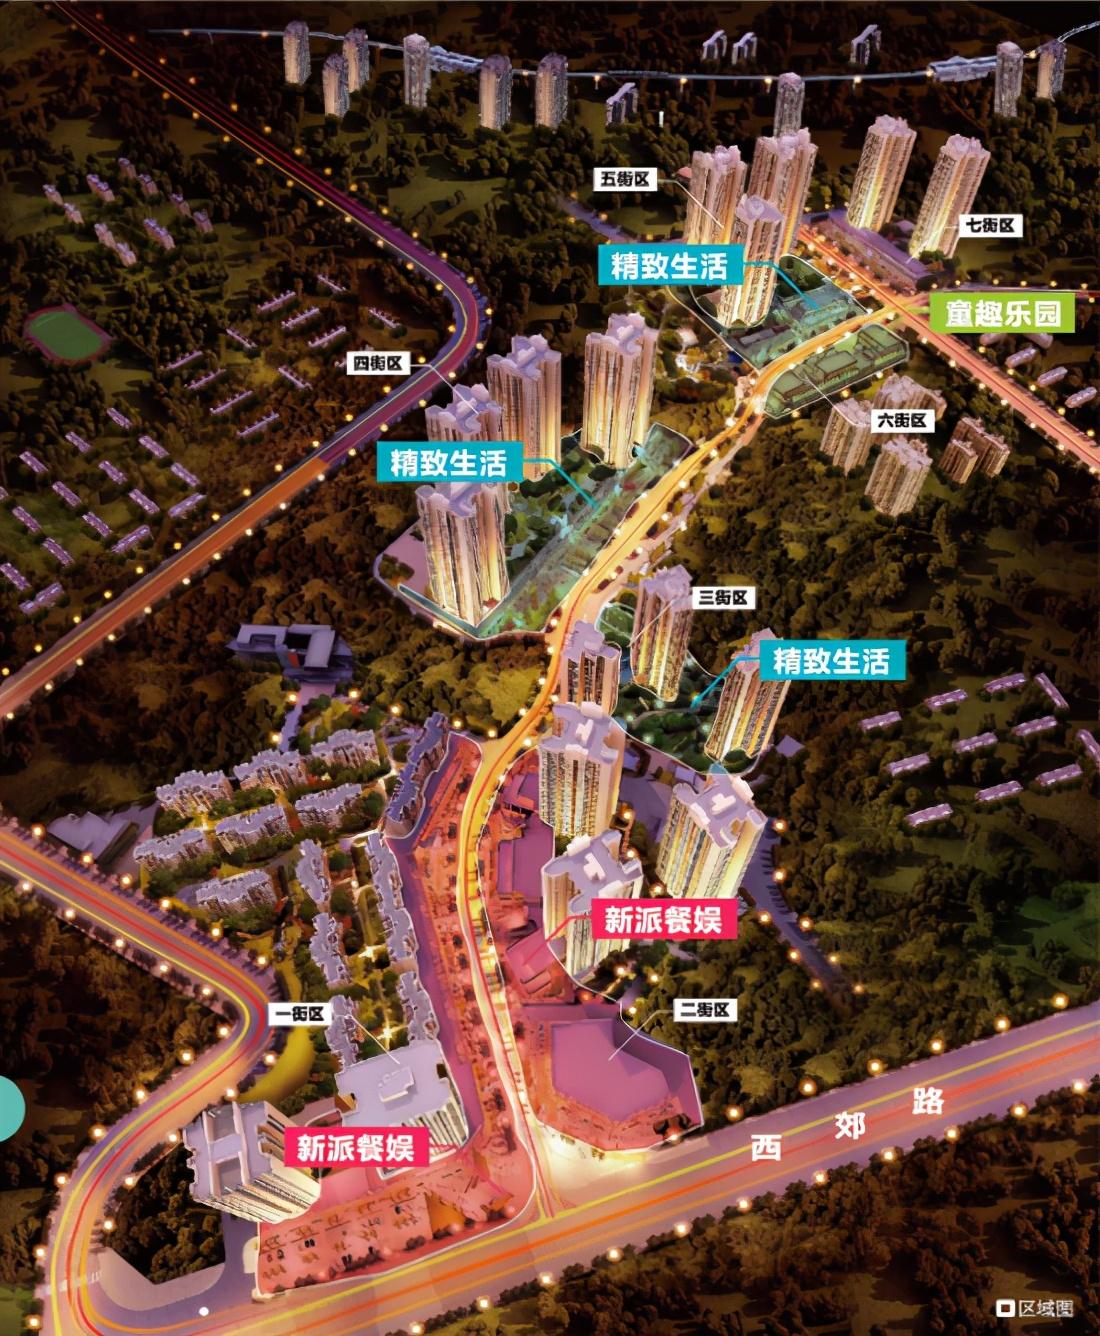 杨家坪商业迎来跨越,新九龙步行街坐享商机